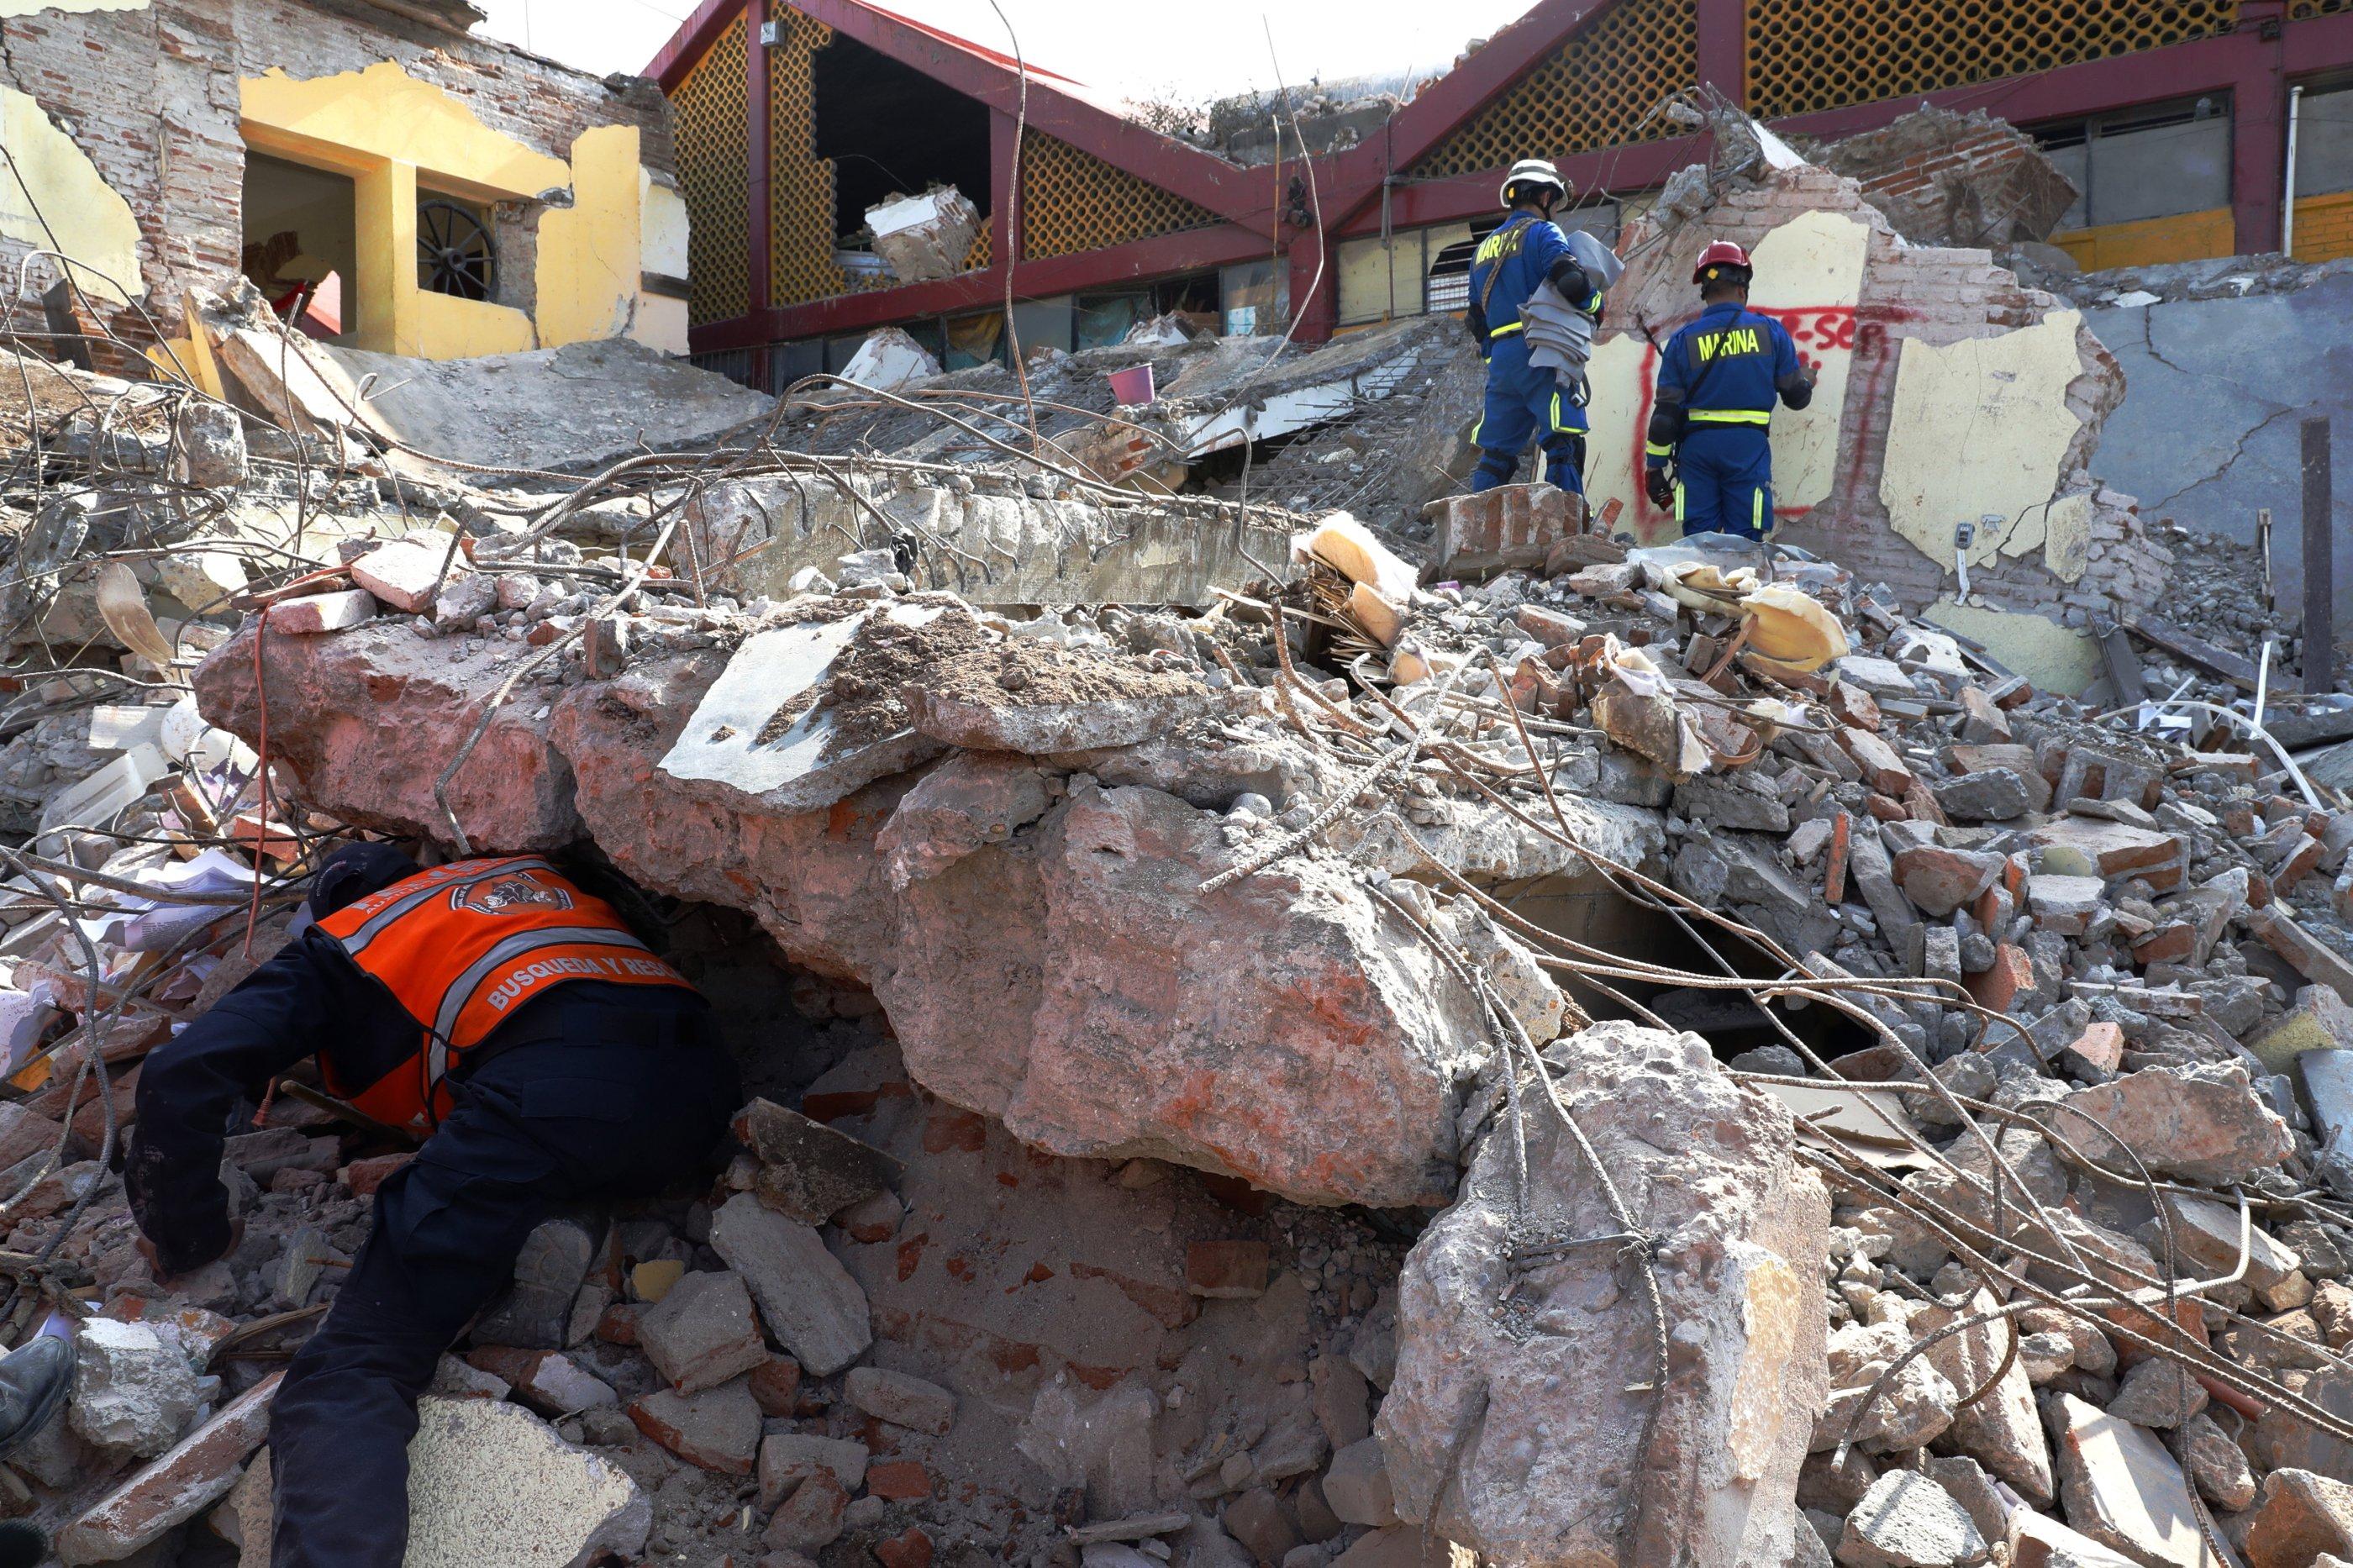 MEX03. JUCHITÁN (MÉXICO), 09/09/2017.- Rescatistas, soldados del Ejército y de la Marina continúan con los trabajos de búsqueda de personas entre los escombros hoy, sábado 9 de septiembre de 2017, en el municipio de Juchitán, Oaxaca (México), uno de los lugares más afectados por el terremoto de magnitud 8,2 en la escala de Richter, el de mayor magnitud sufrido por este país desde 1932, que ha dejado al menos 61 muertos, más de 250 heridos entre los estados de Oaxaca, Chiapas y Tabasco. EFE/Jorge Núñez